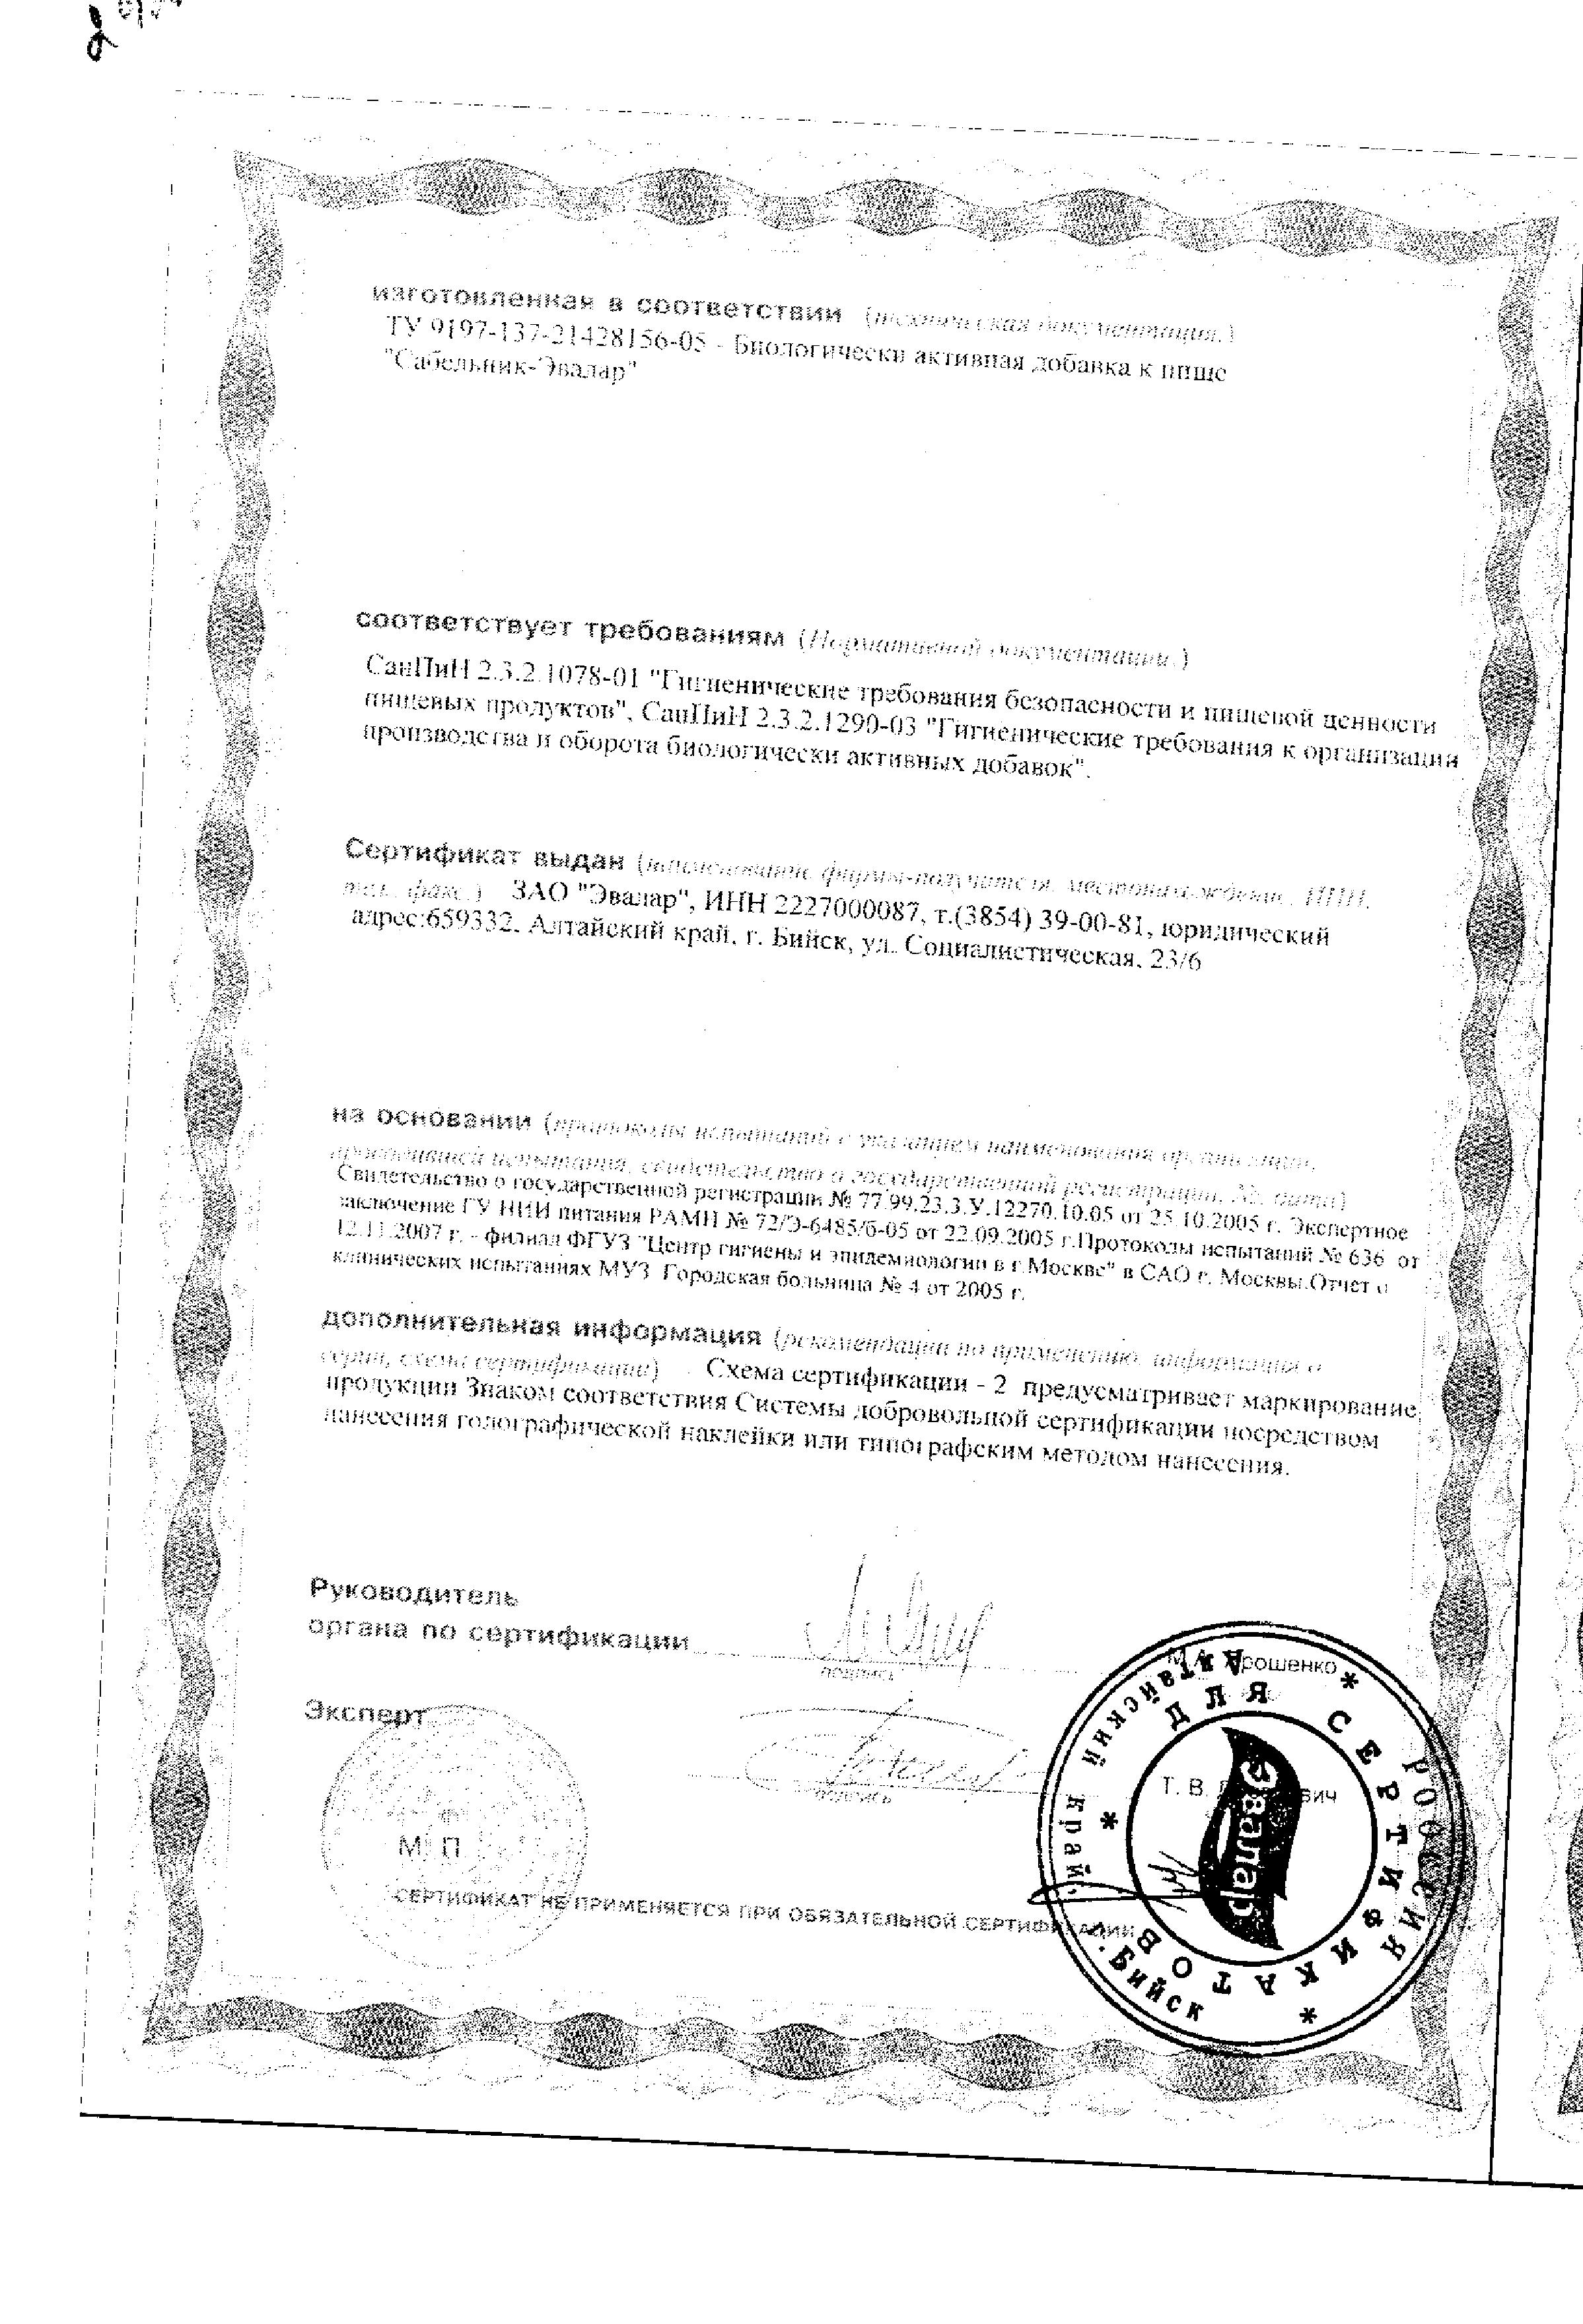 Сабельник-Эвалар сертификат